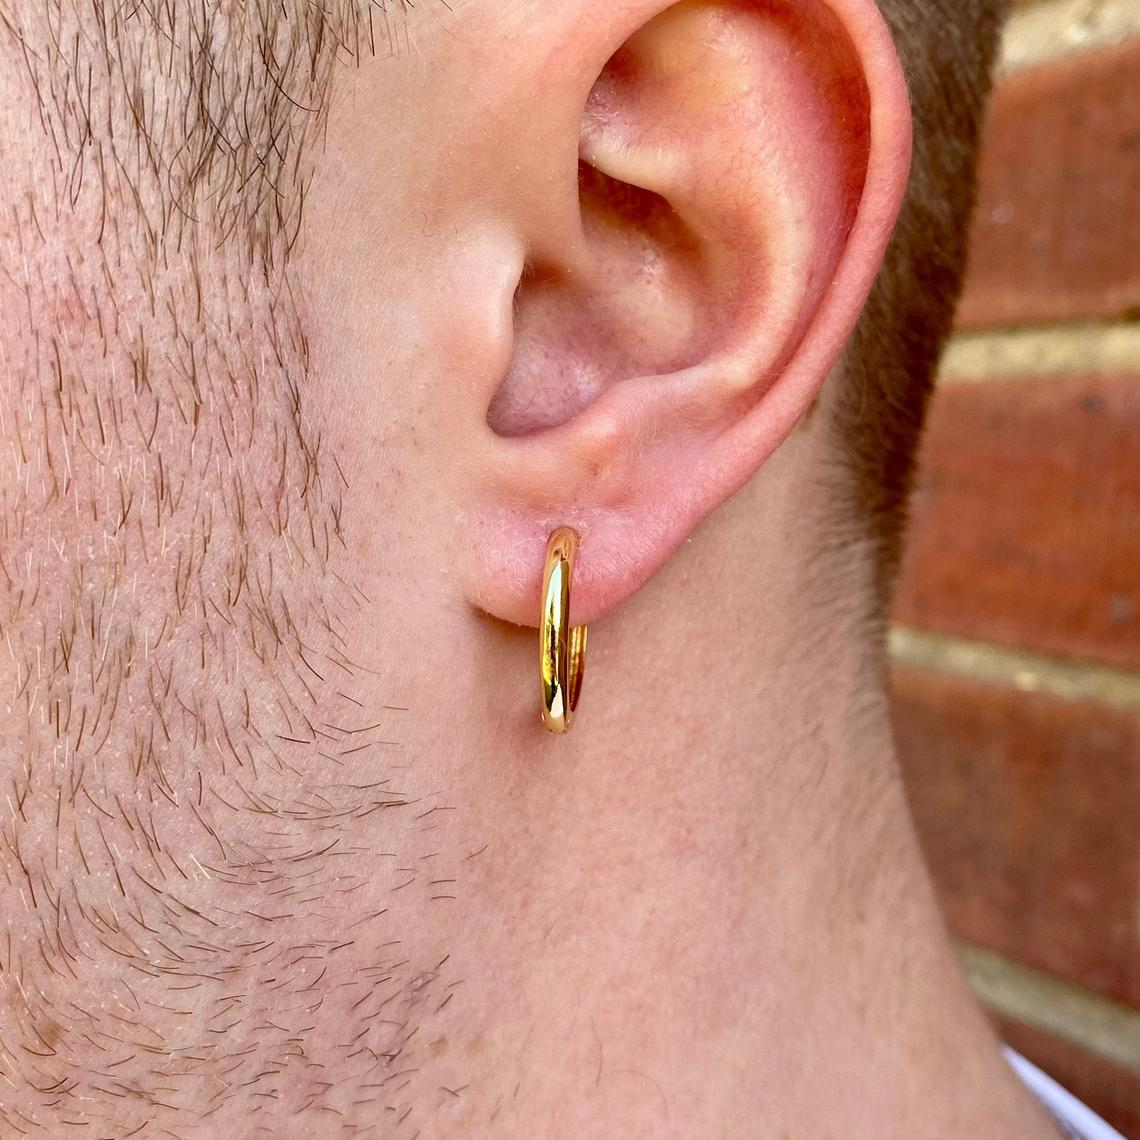 Mens Hoop Earrings - 18k Gold 925 Sterling Silver 18mm Mens Hoop Earrings - Hoops for Men - Earring Sets, Mini 18K Gold Hoops Huggie Earring